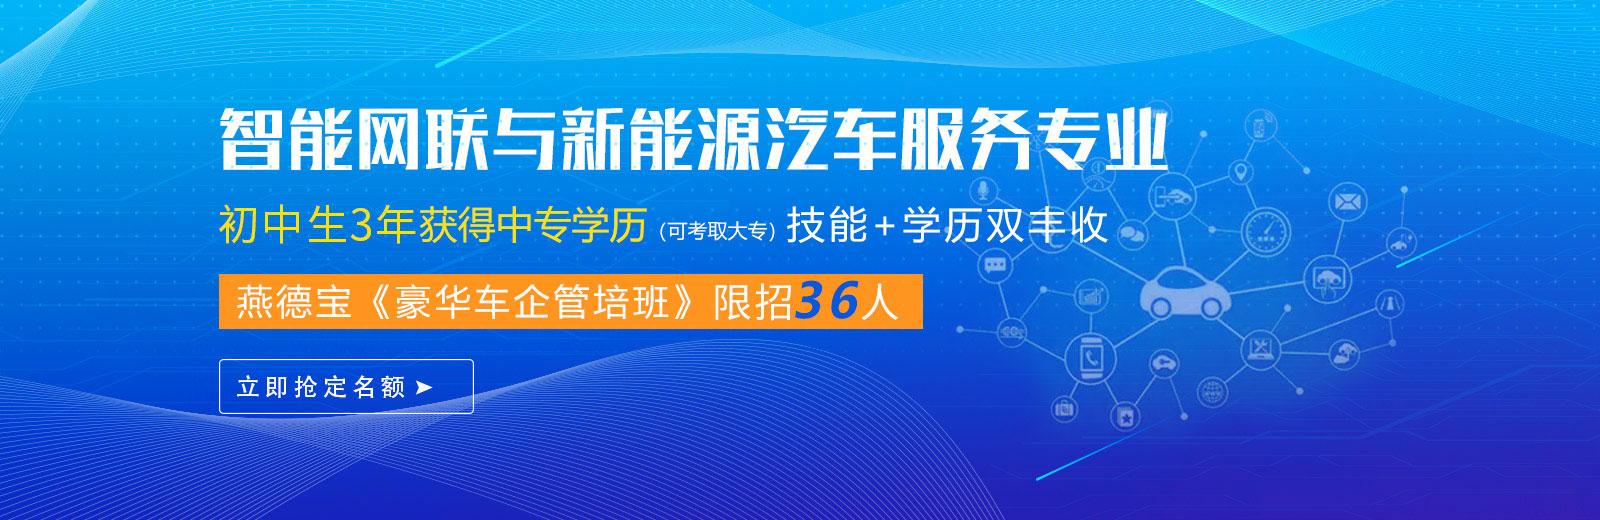 智能网联与新能源汽车服务_北京万通汽车学校